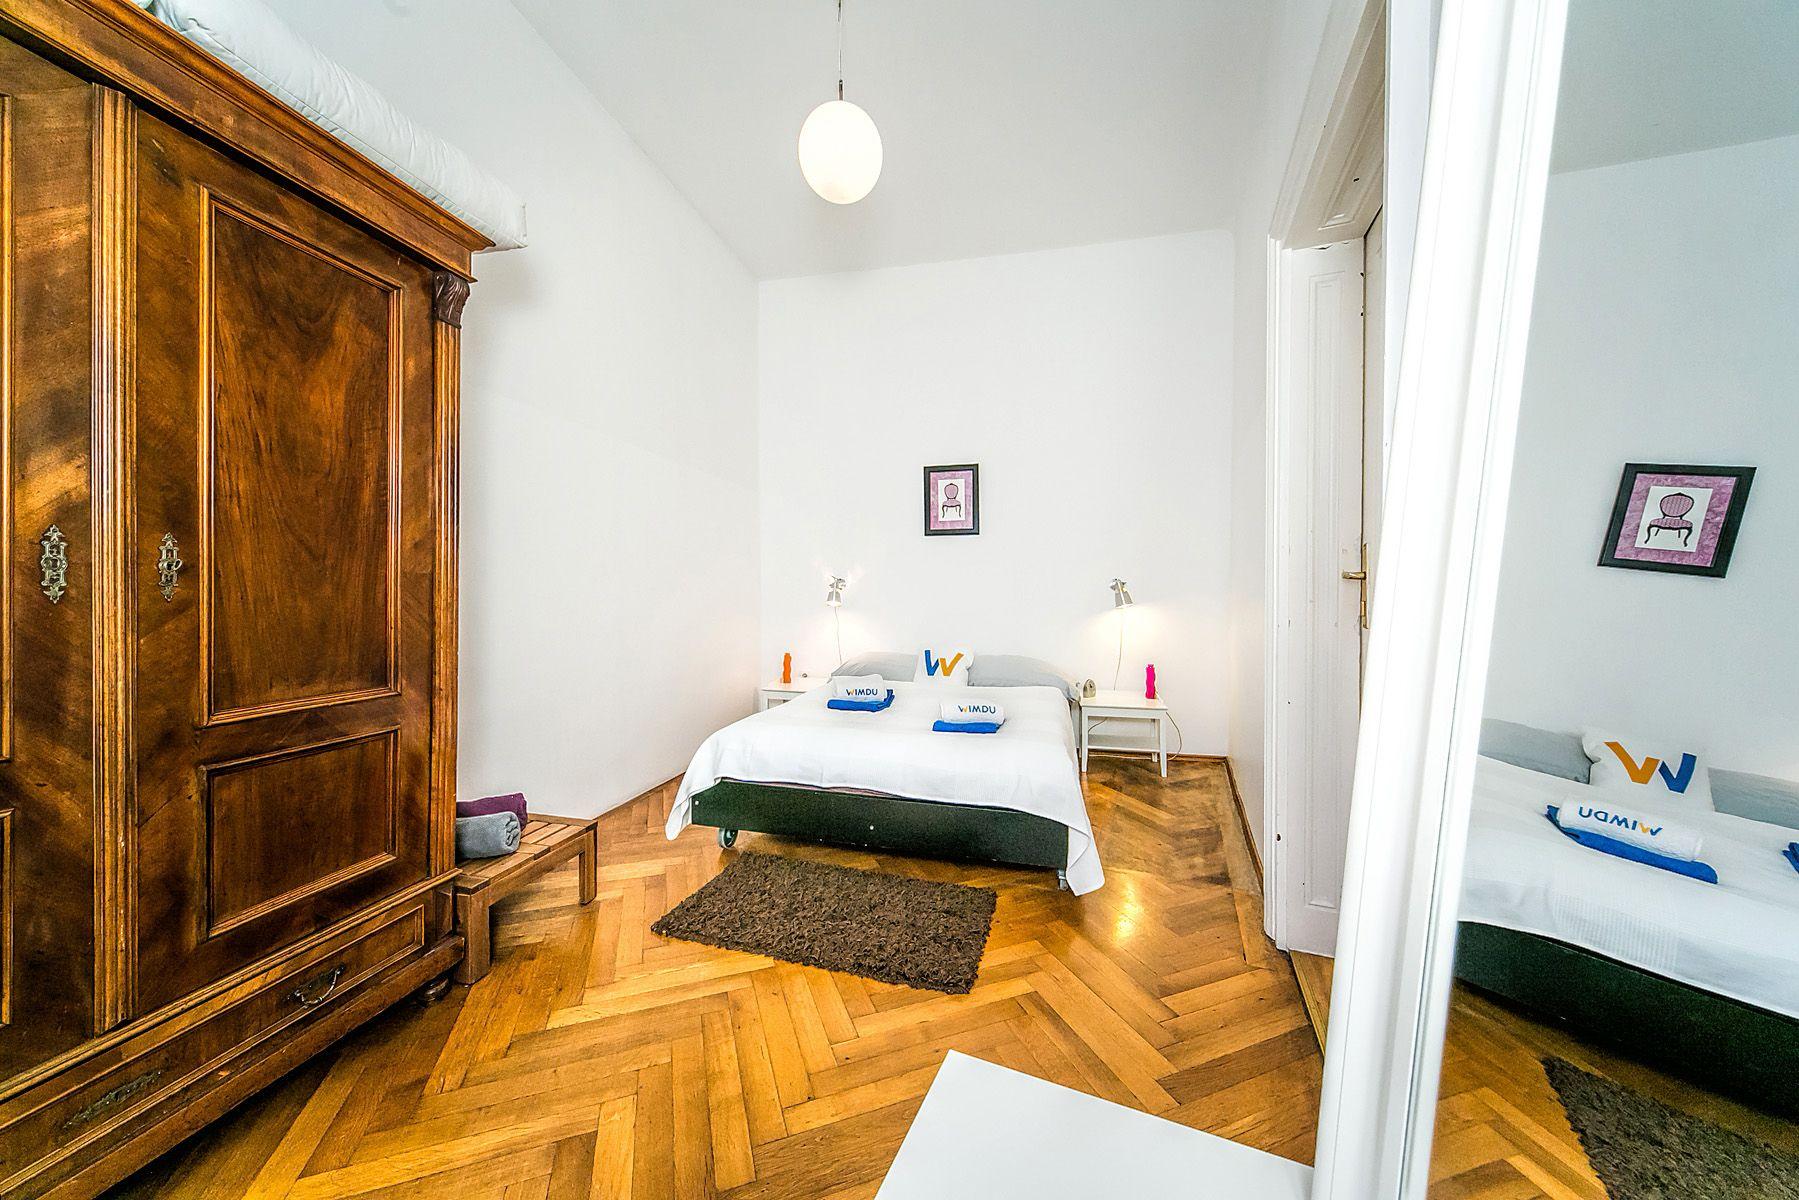 Acogedor apartamento parejas en gerasdorf bei wien. Apartamentos en Viena desde 20€ - Alojamiento Hundredrooms